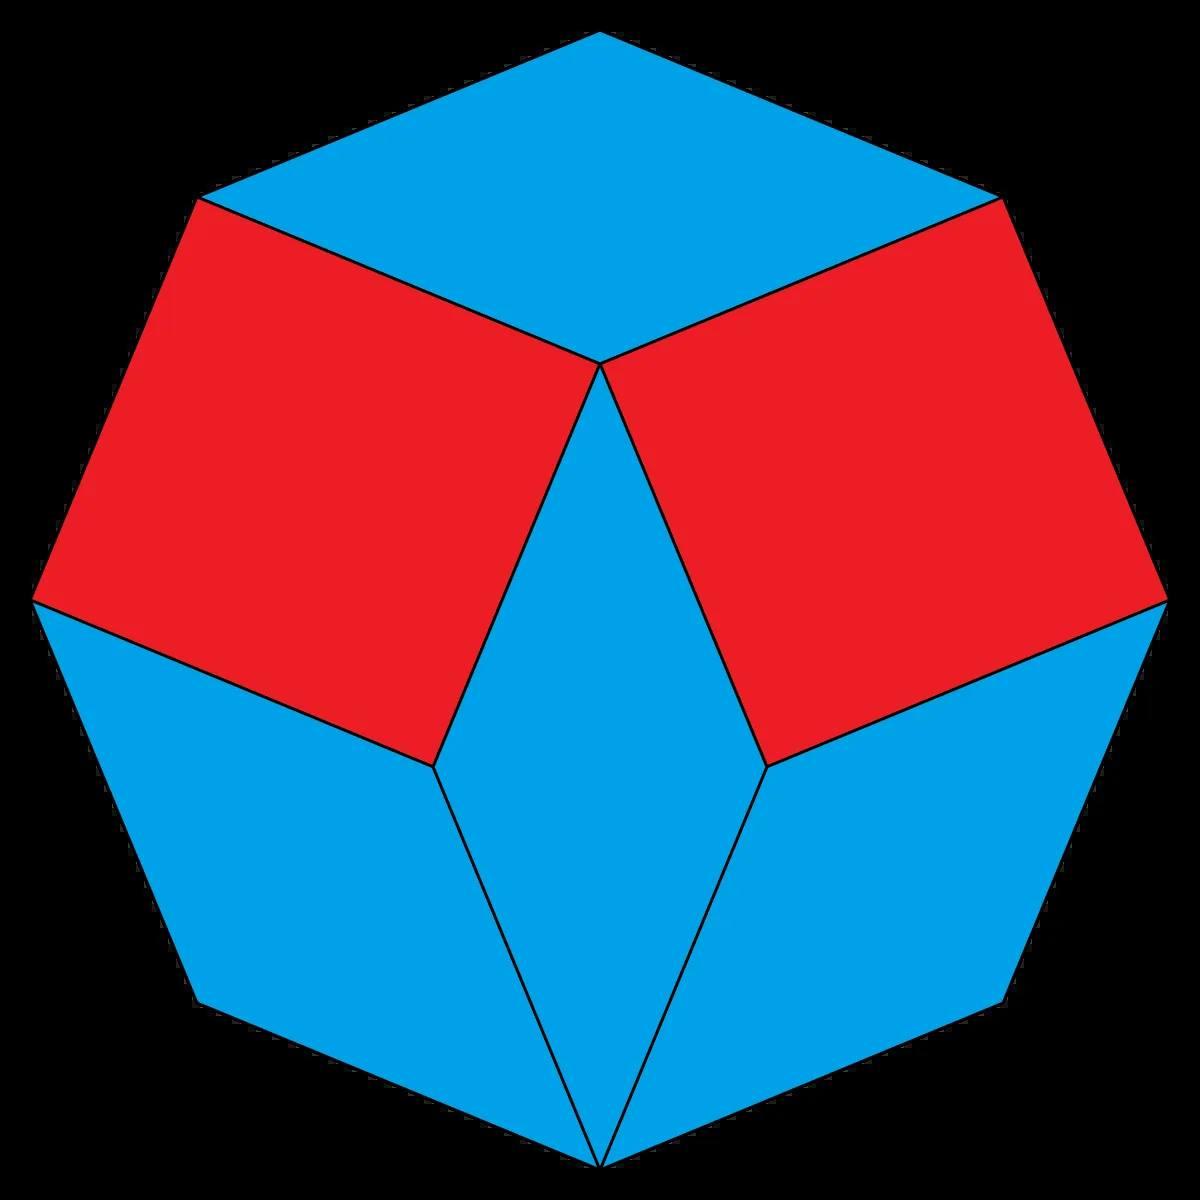 Вгледайте се с премрежен поглед, за да получите бегла представа за потенциите на 5то измерение